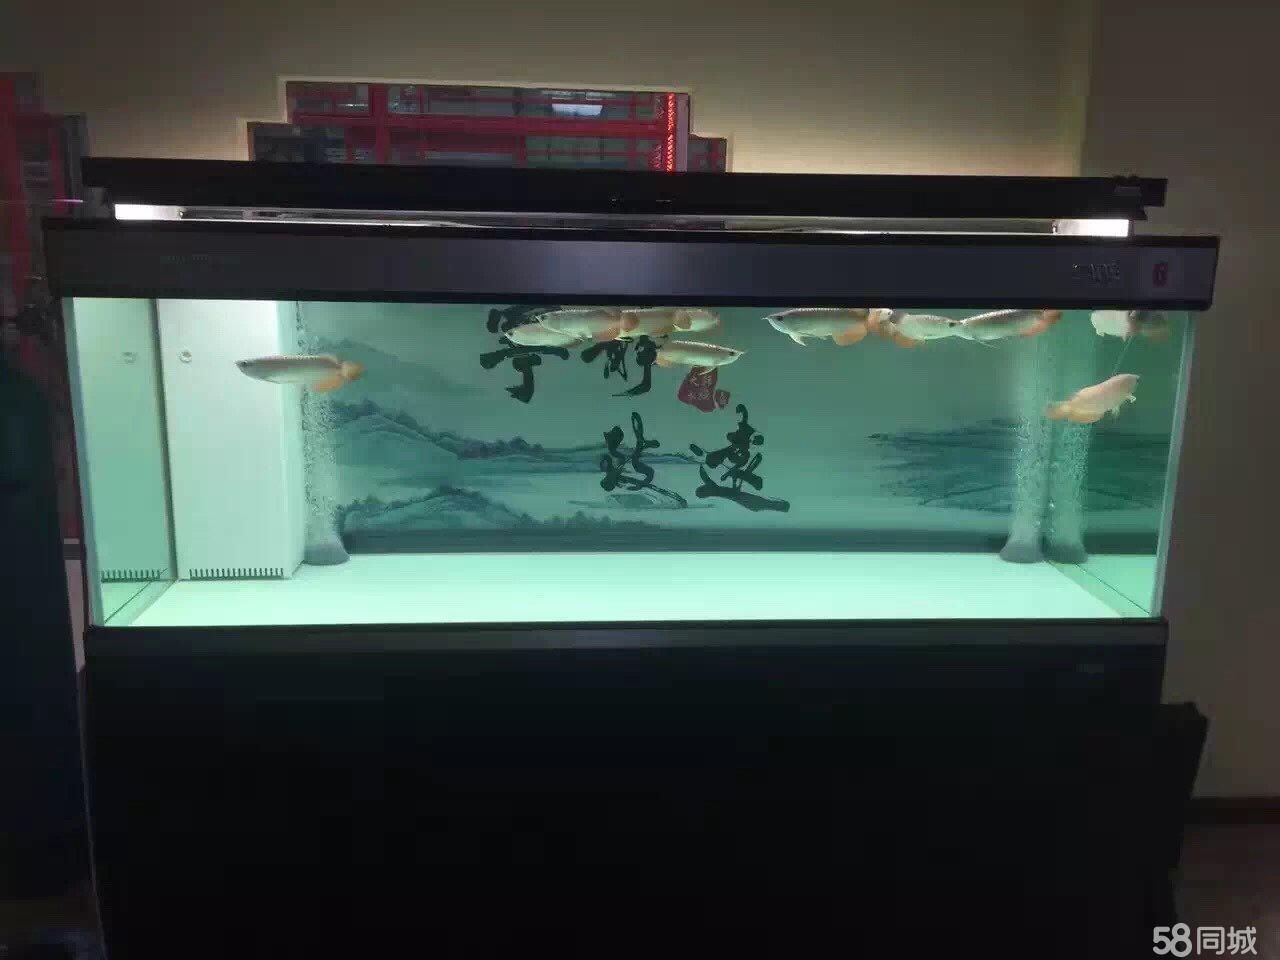 北京萨伊蓝黑桃们到家了 北京龙鱼论坛 北京龙鱼第2张